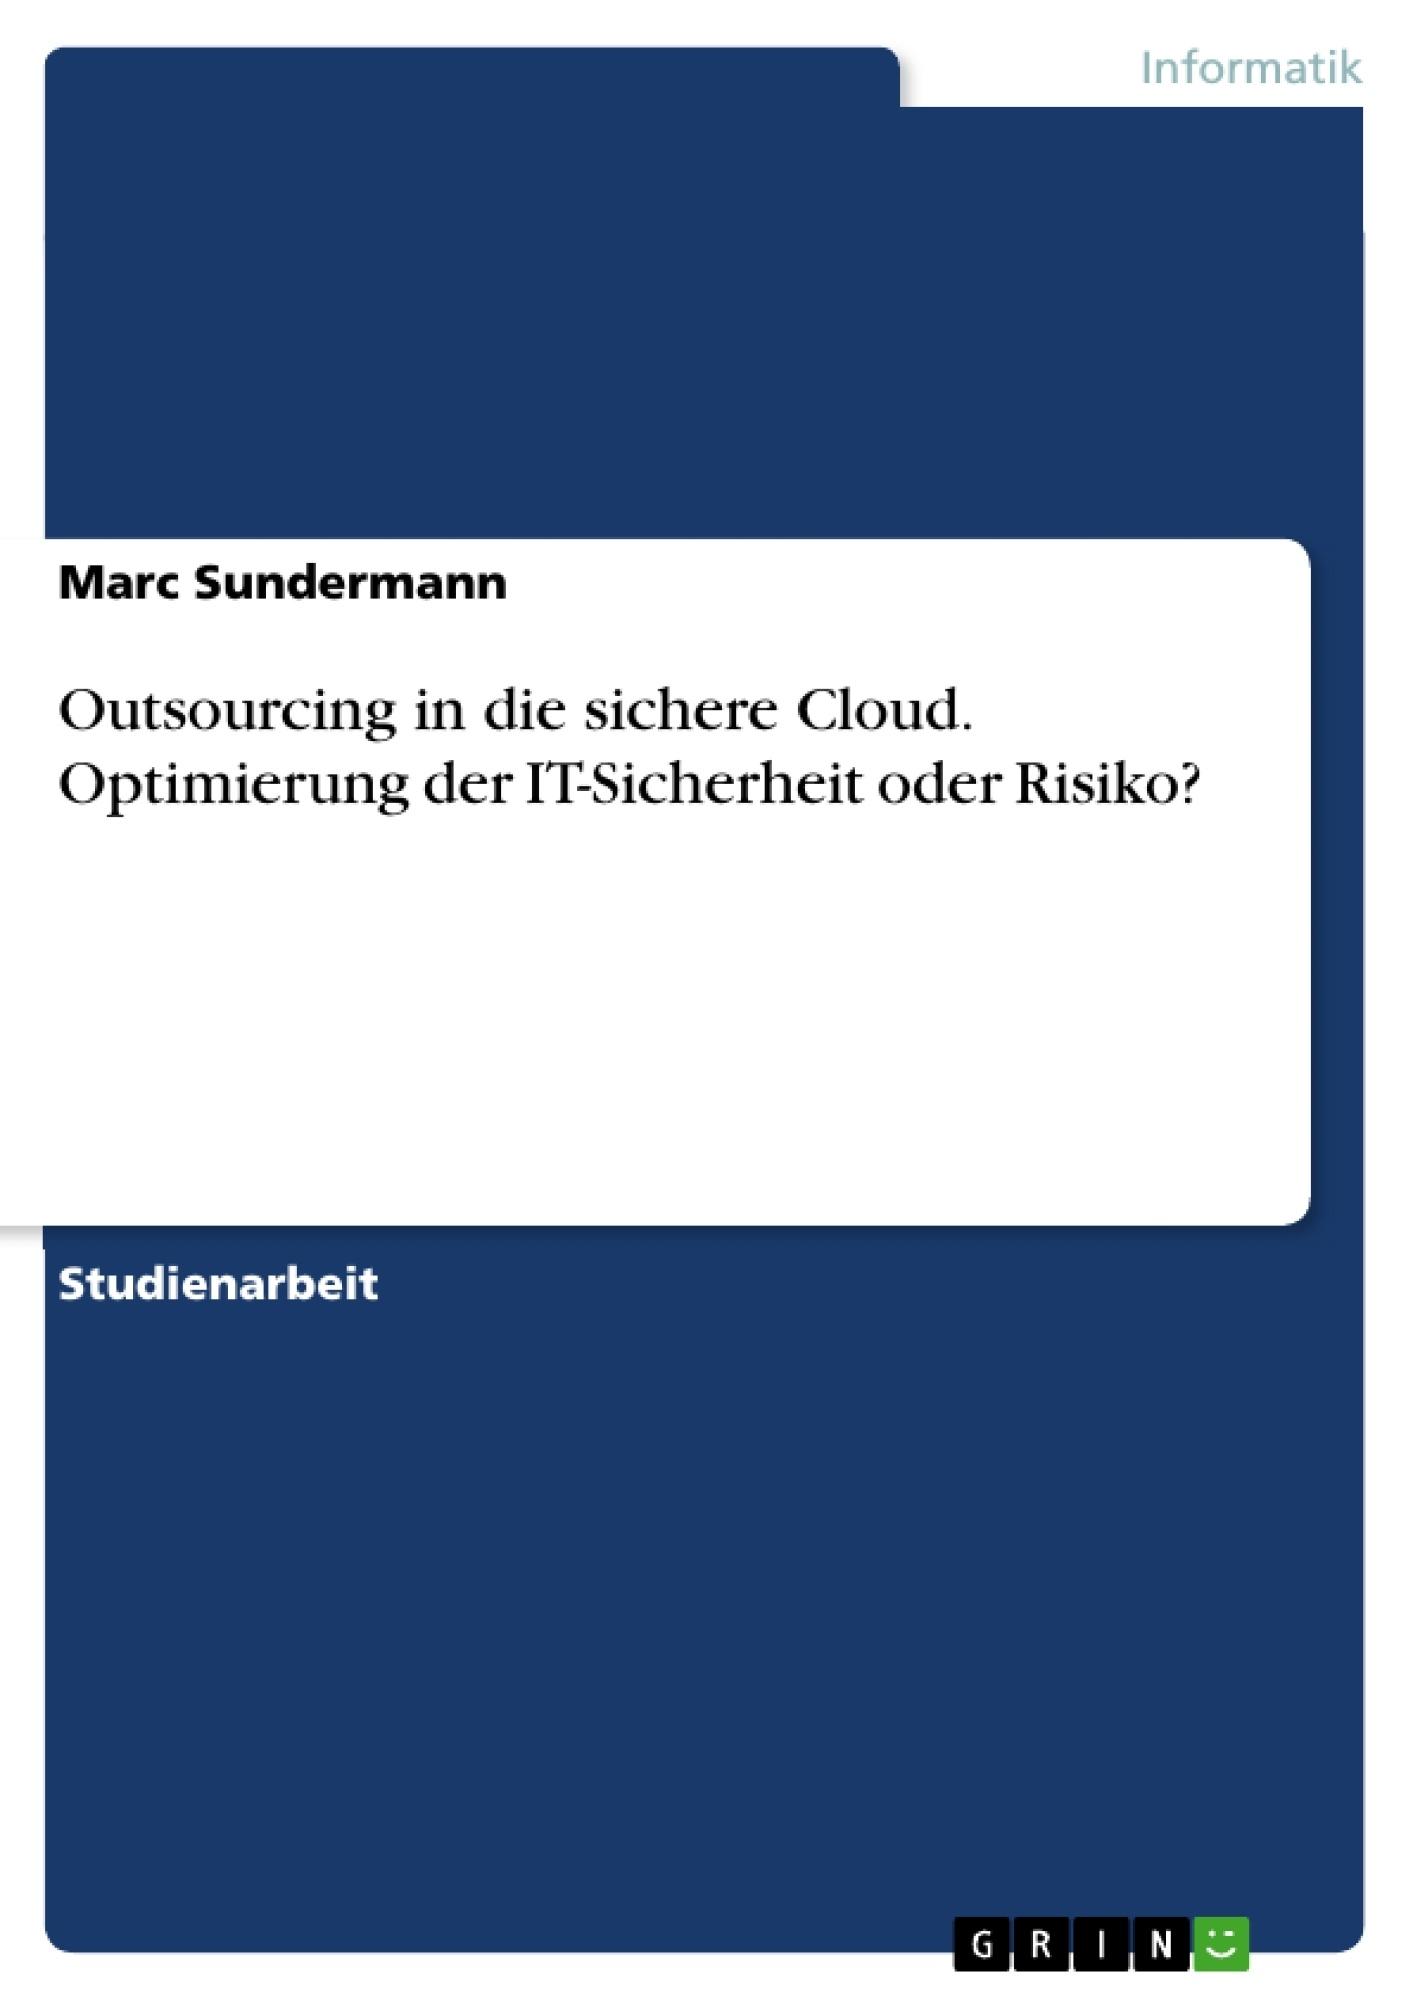 Titel: Outsourcing in die sichere Cloud. Optimierung der IT-Sicherheit oder Risiko?